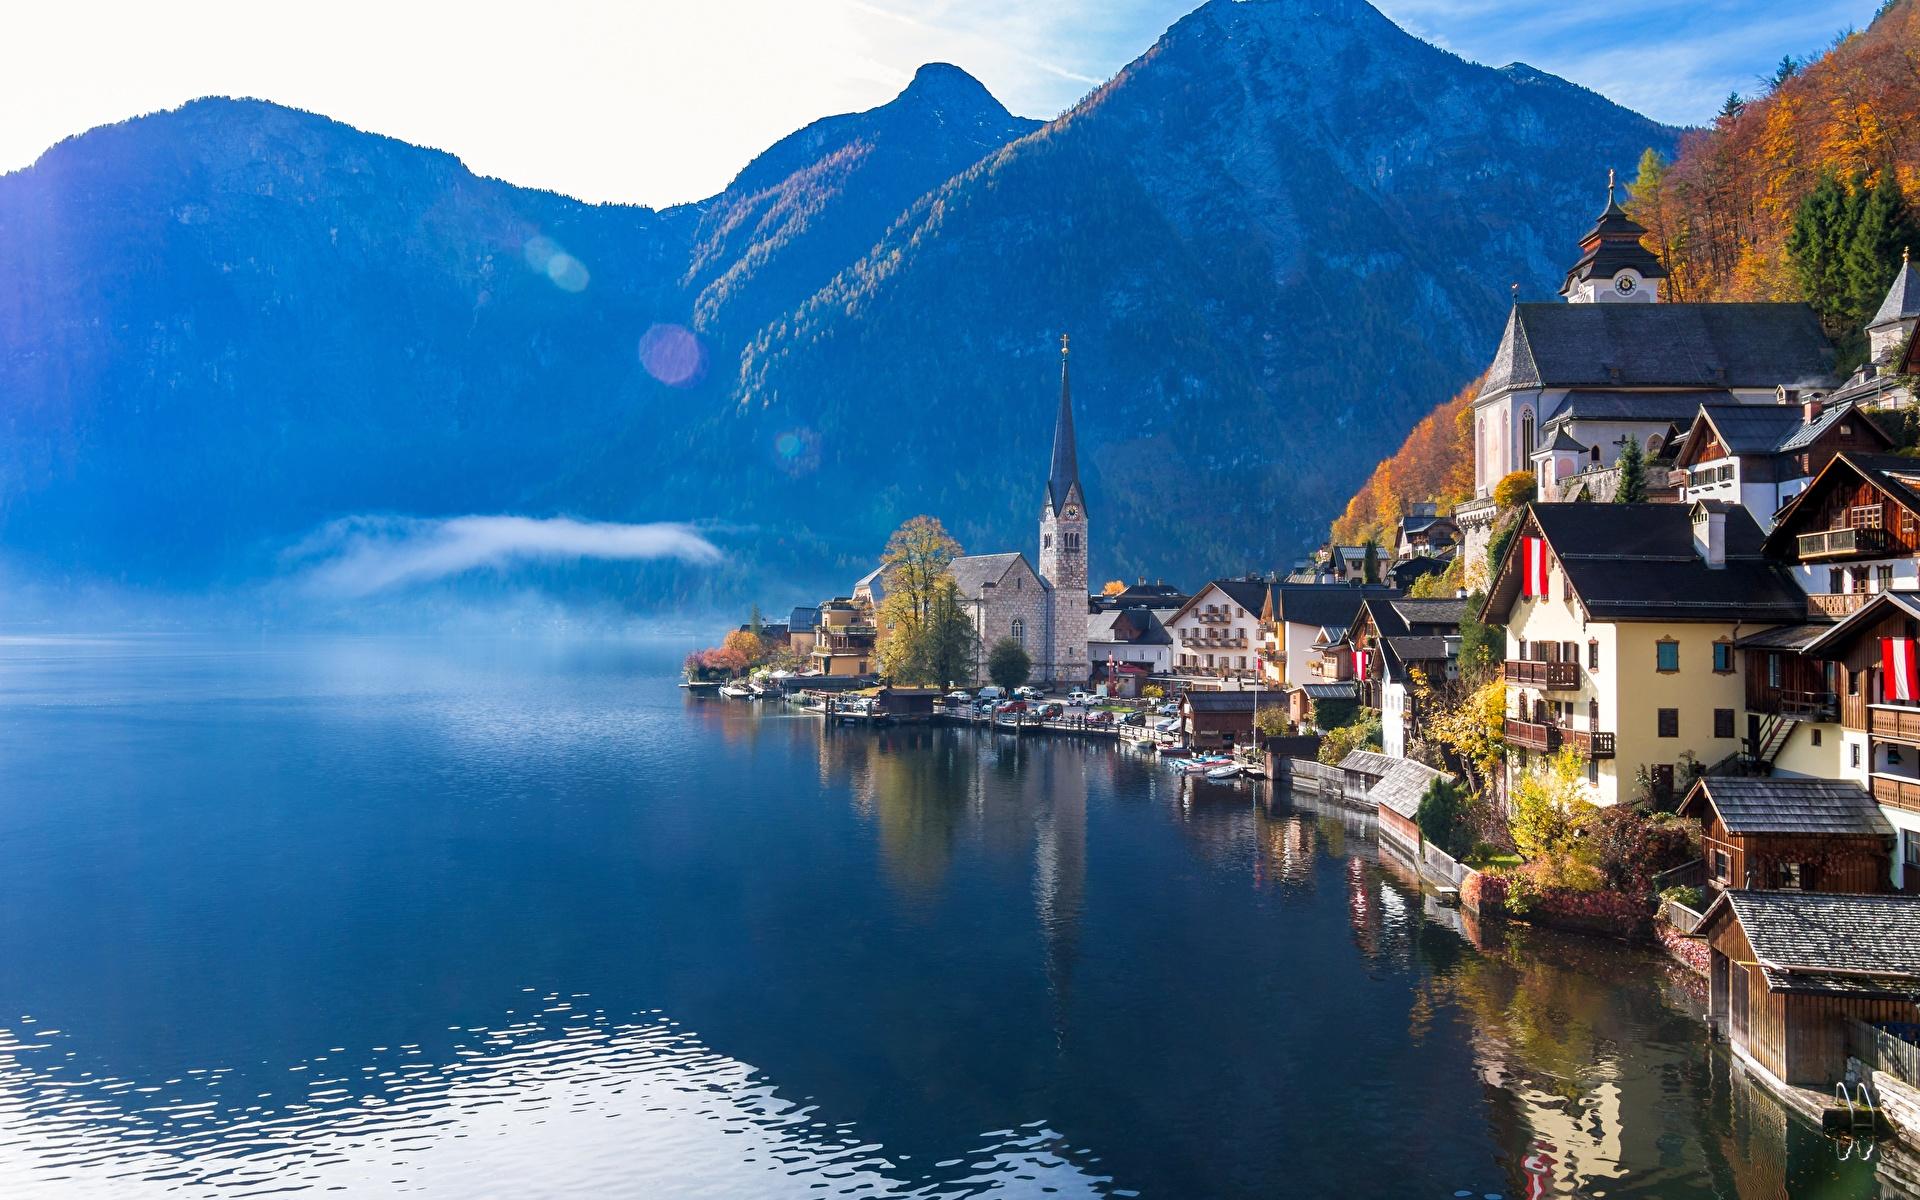 Обои для рабочего стола Халльштатт альп Австрия гора Природа Озеро Отражение Здания 1920x1200 Альпы Горы отражении отражается Дома